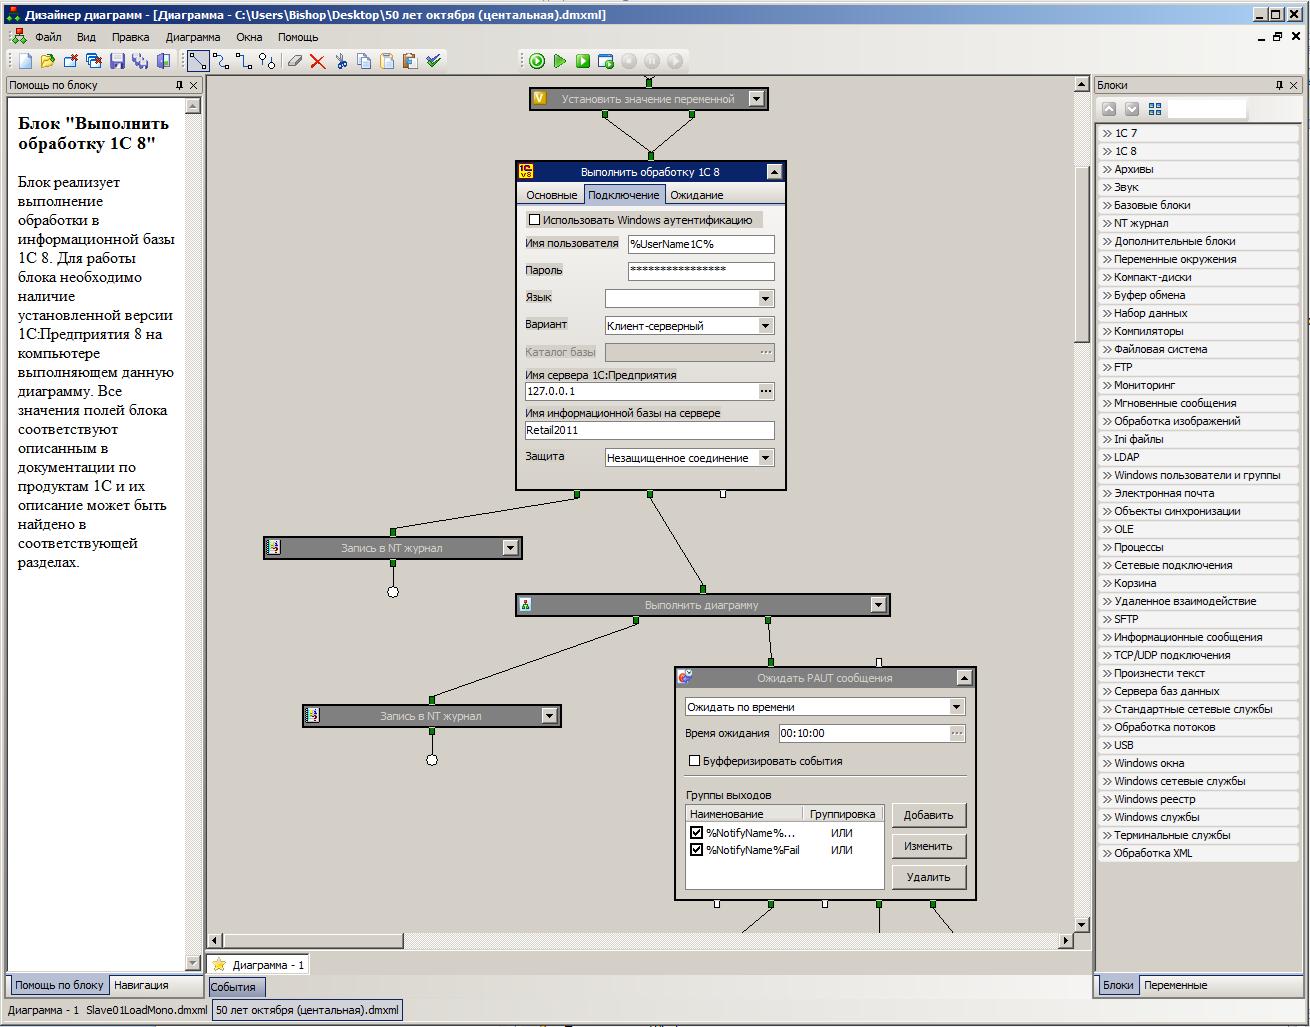 Пример конструирования диаграммы в приложении «Дизайнер диаграмм»